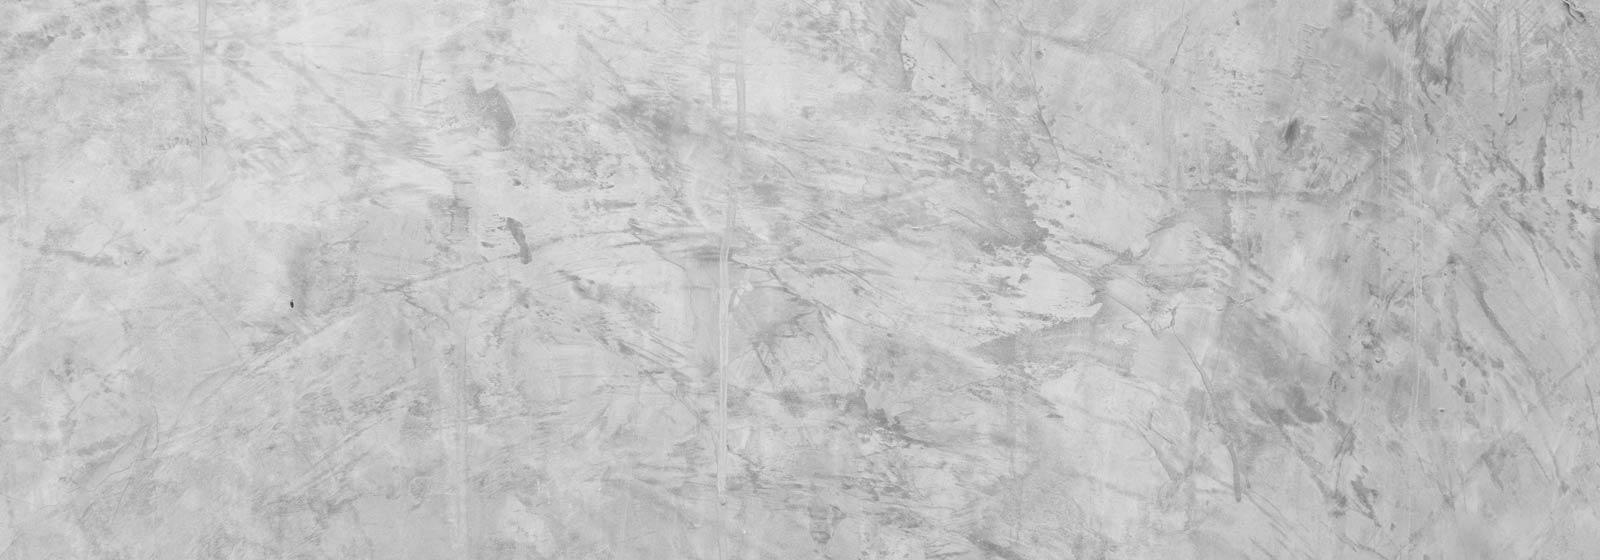 Pavimenti in cemento per interni posa e restauro antichi manufatti - Pavimenti in cemento per interni ...